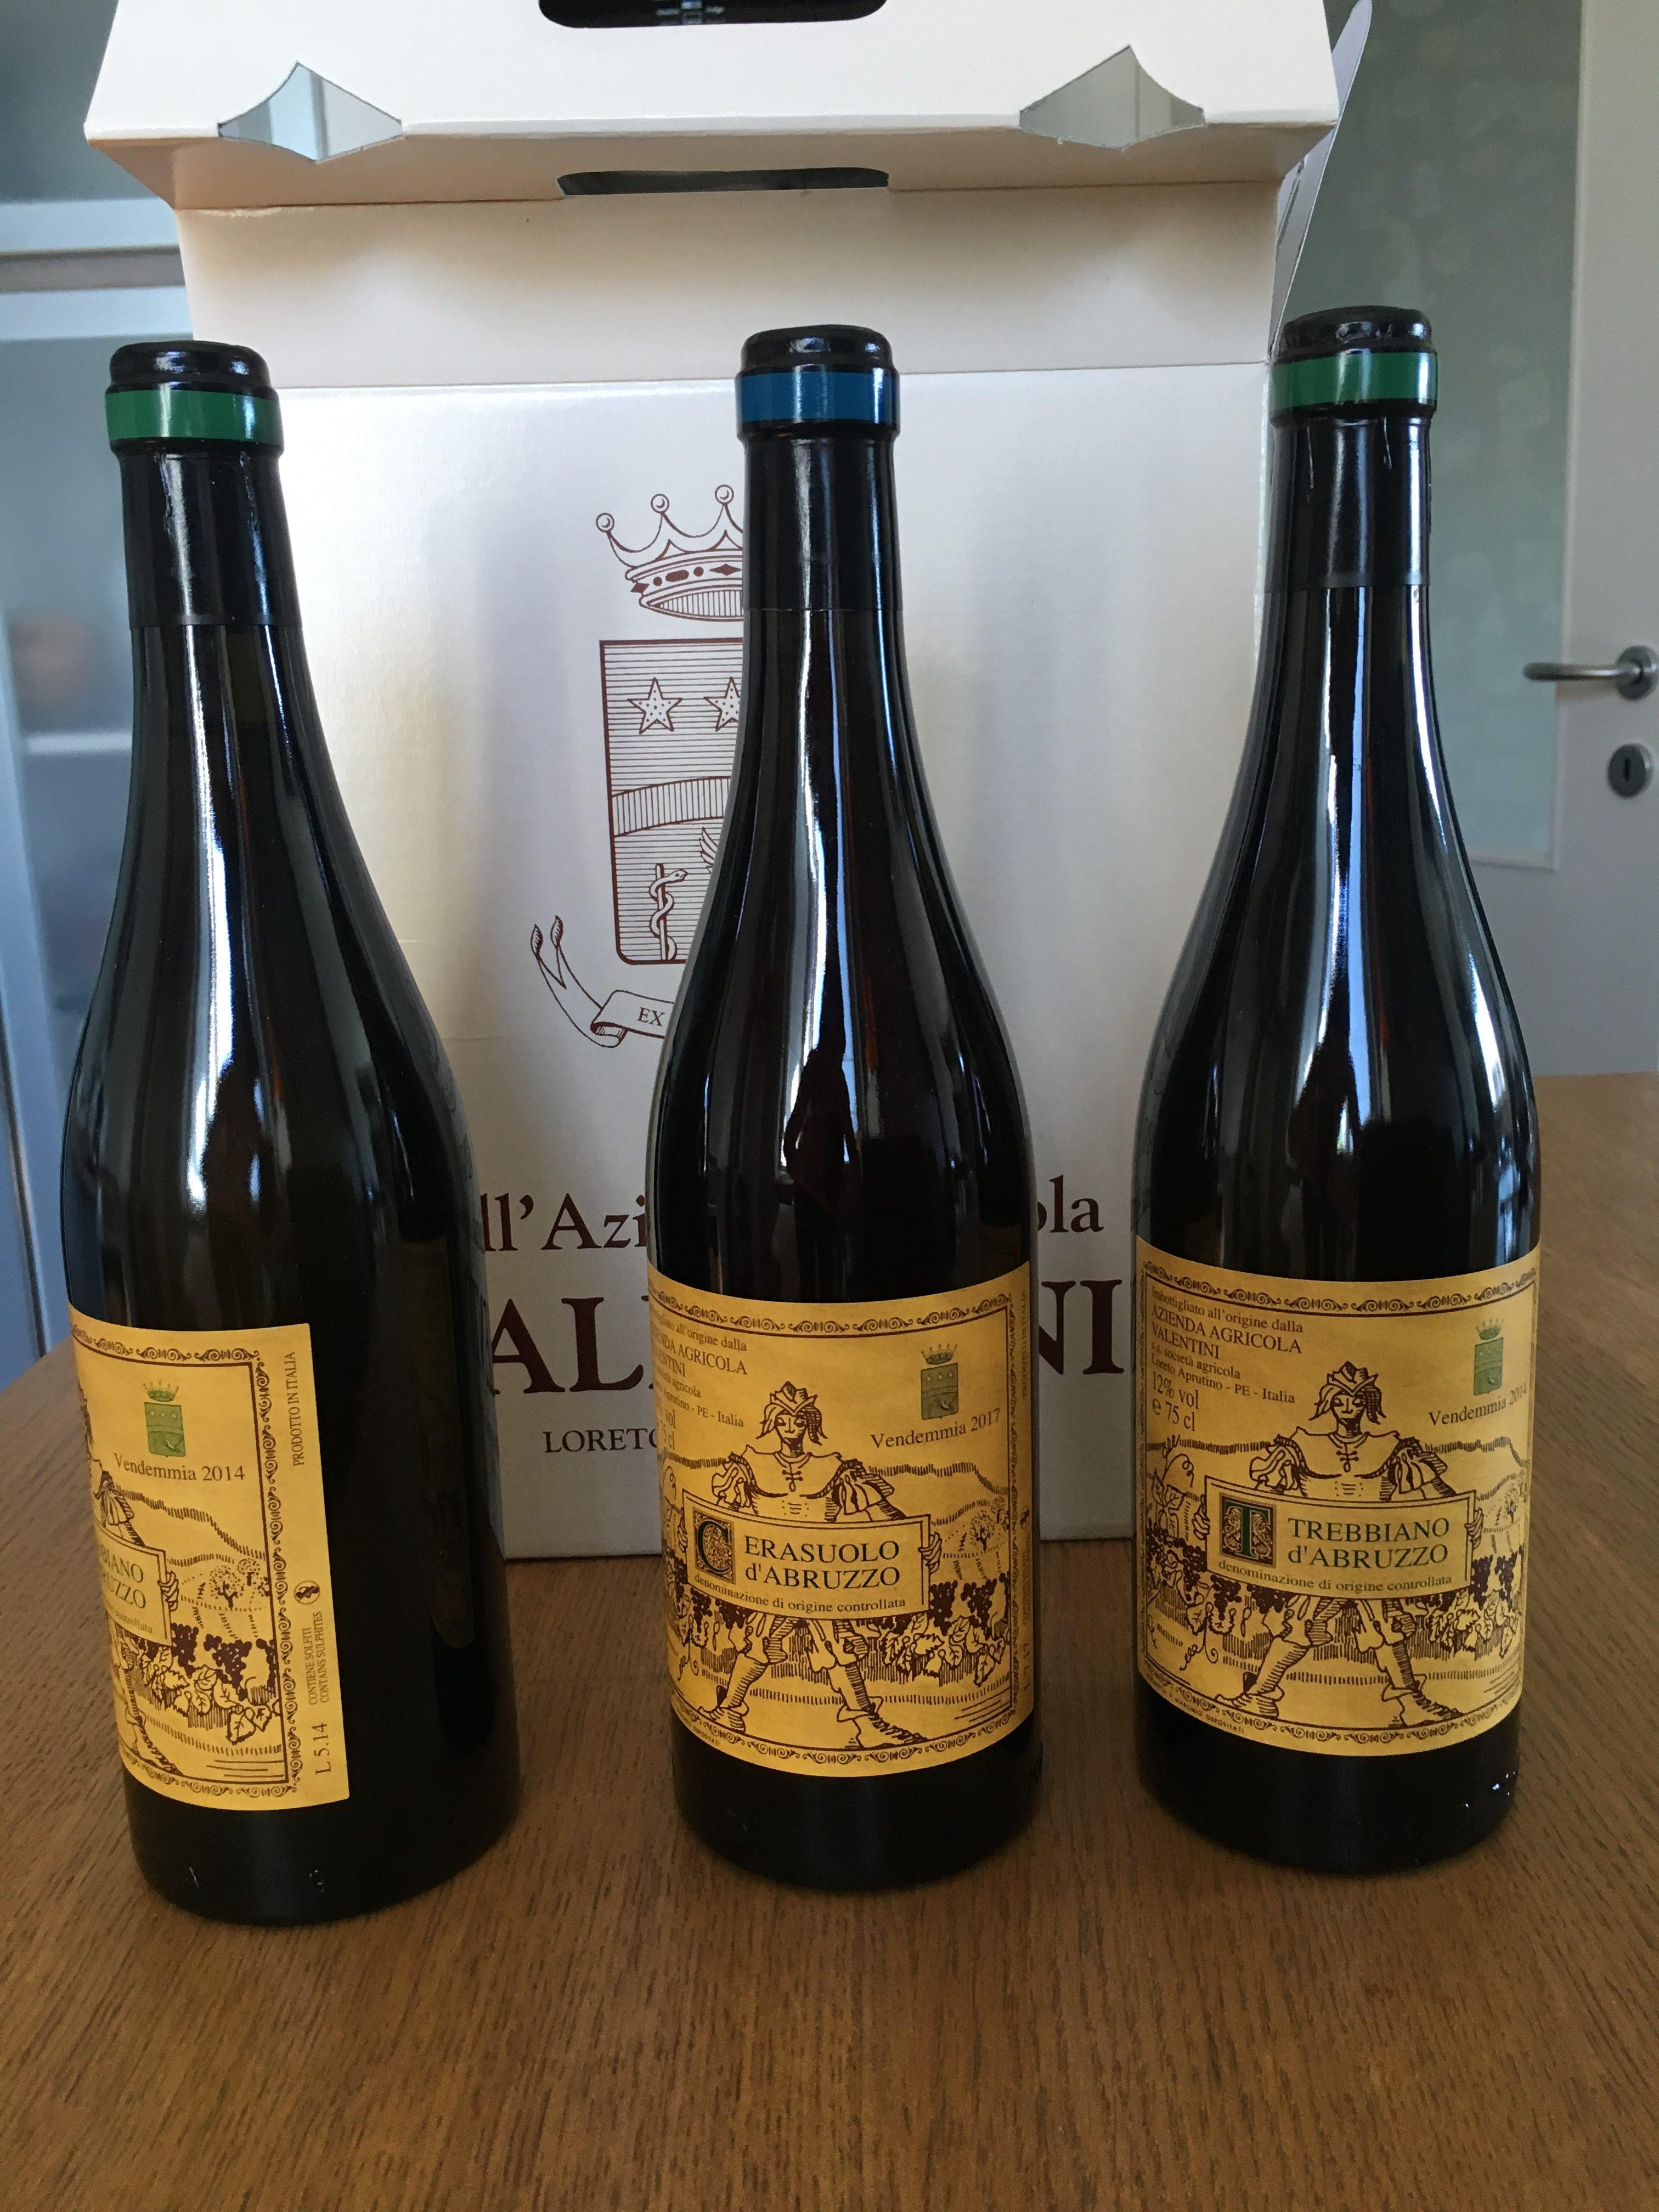 Valentini winery in Abruzzo: Montepulciano, Trebbiano